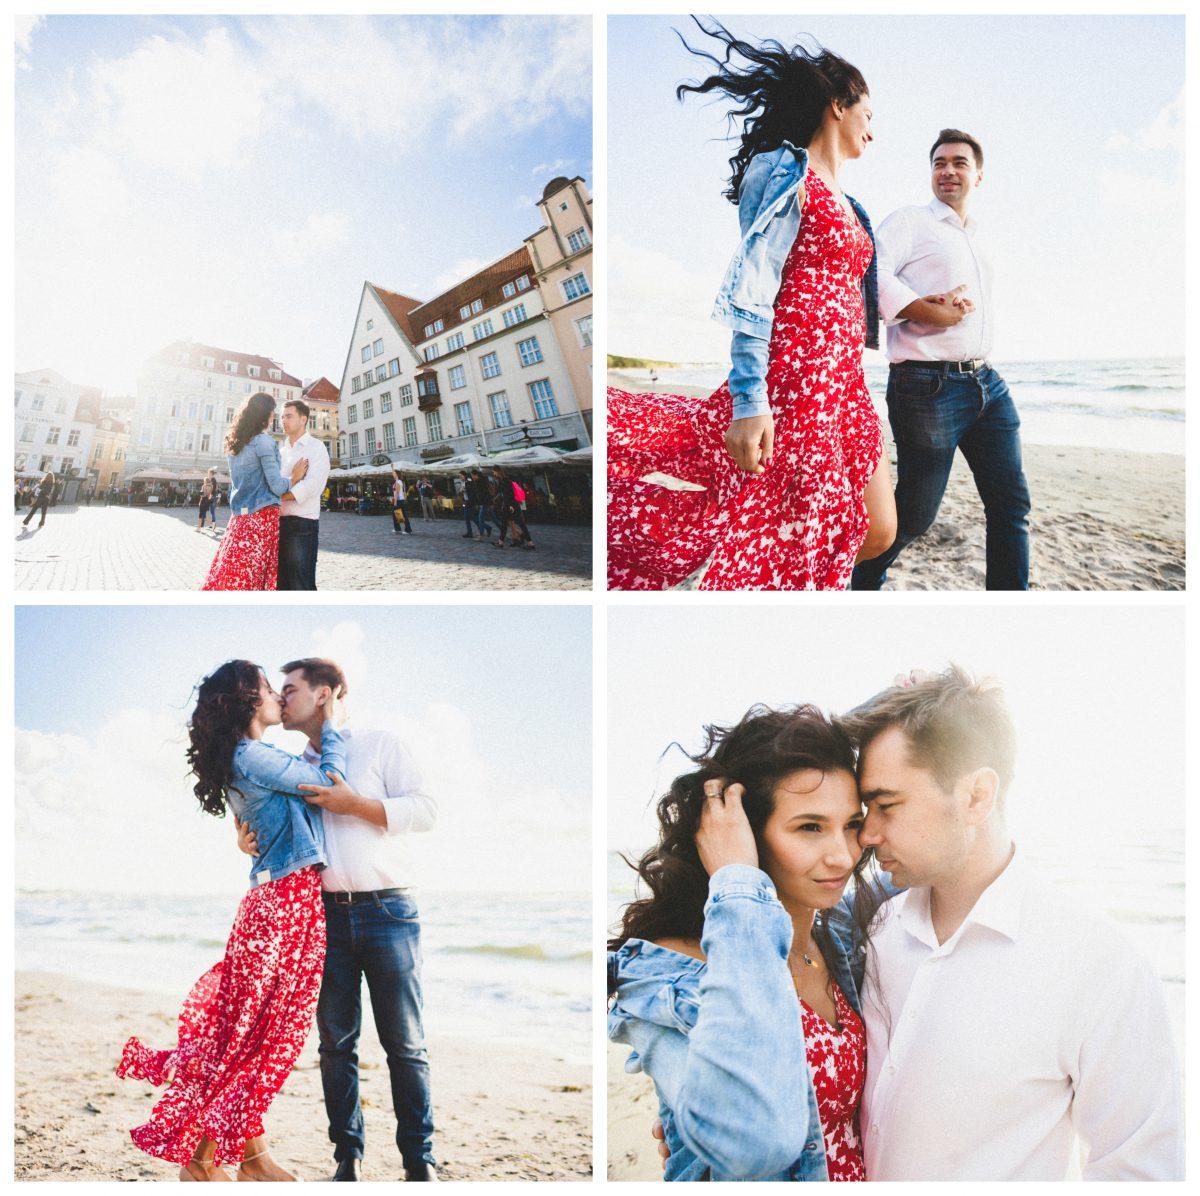 свадебный фотограф в Таллинне, швейцарии, испании, париже, фотограф в Риге